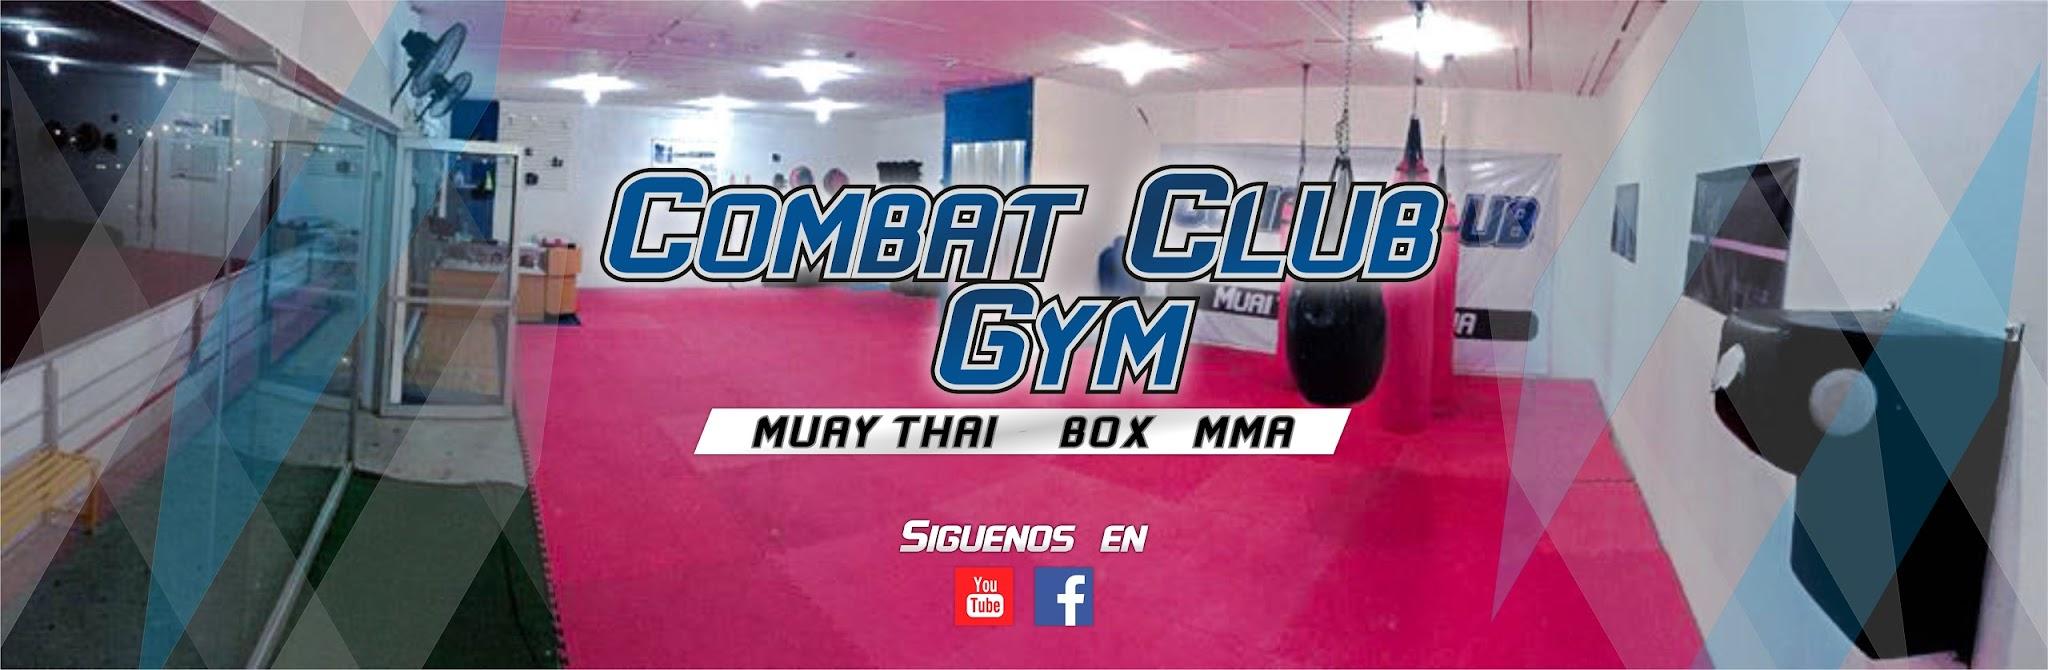 Combat Club Gym - Gimnasio De Boxeo Muay Thai en Ciudad